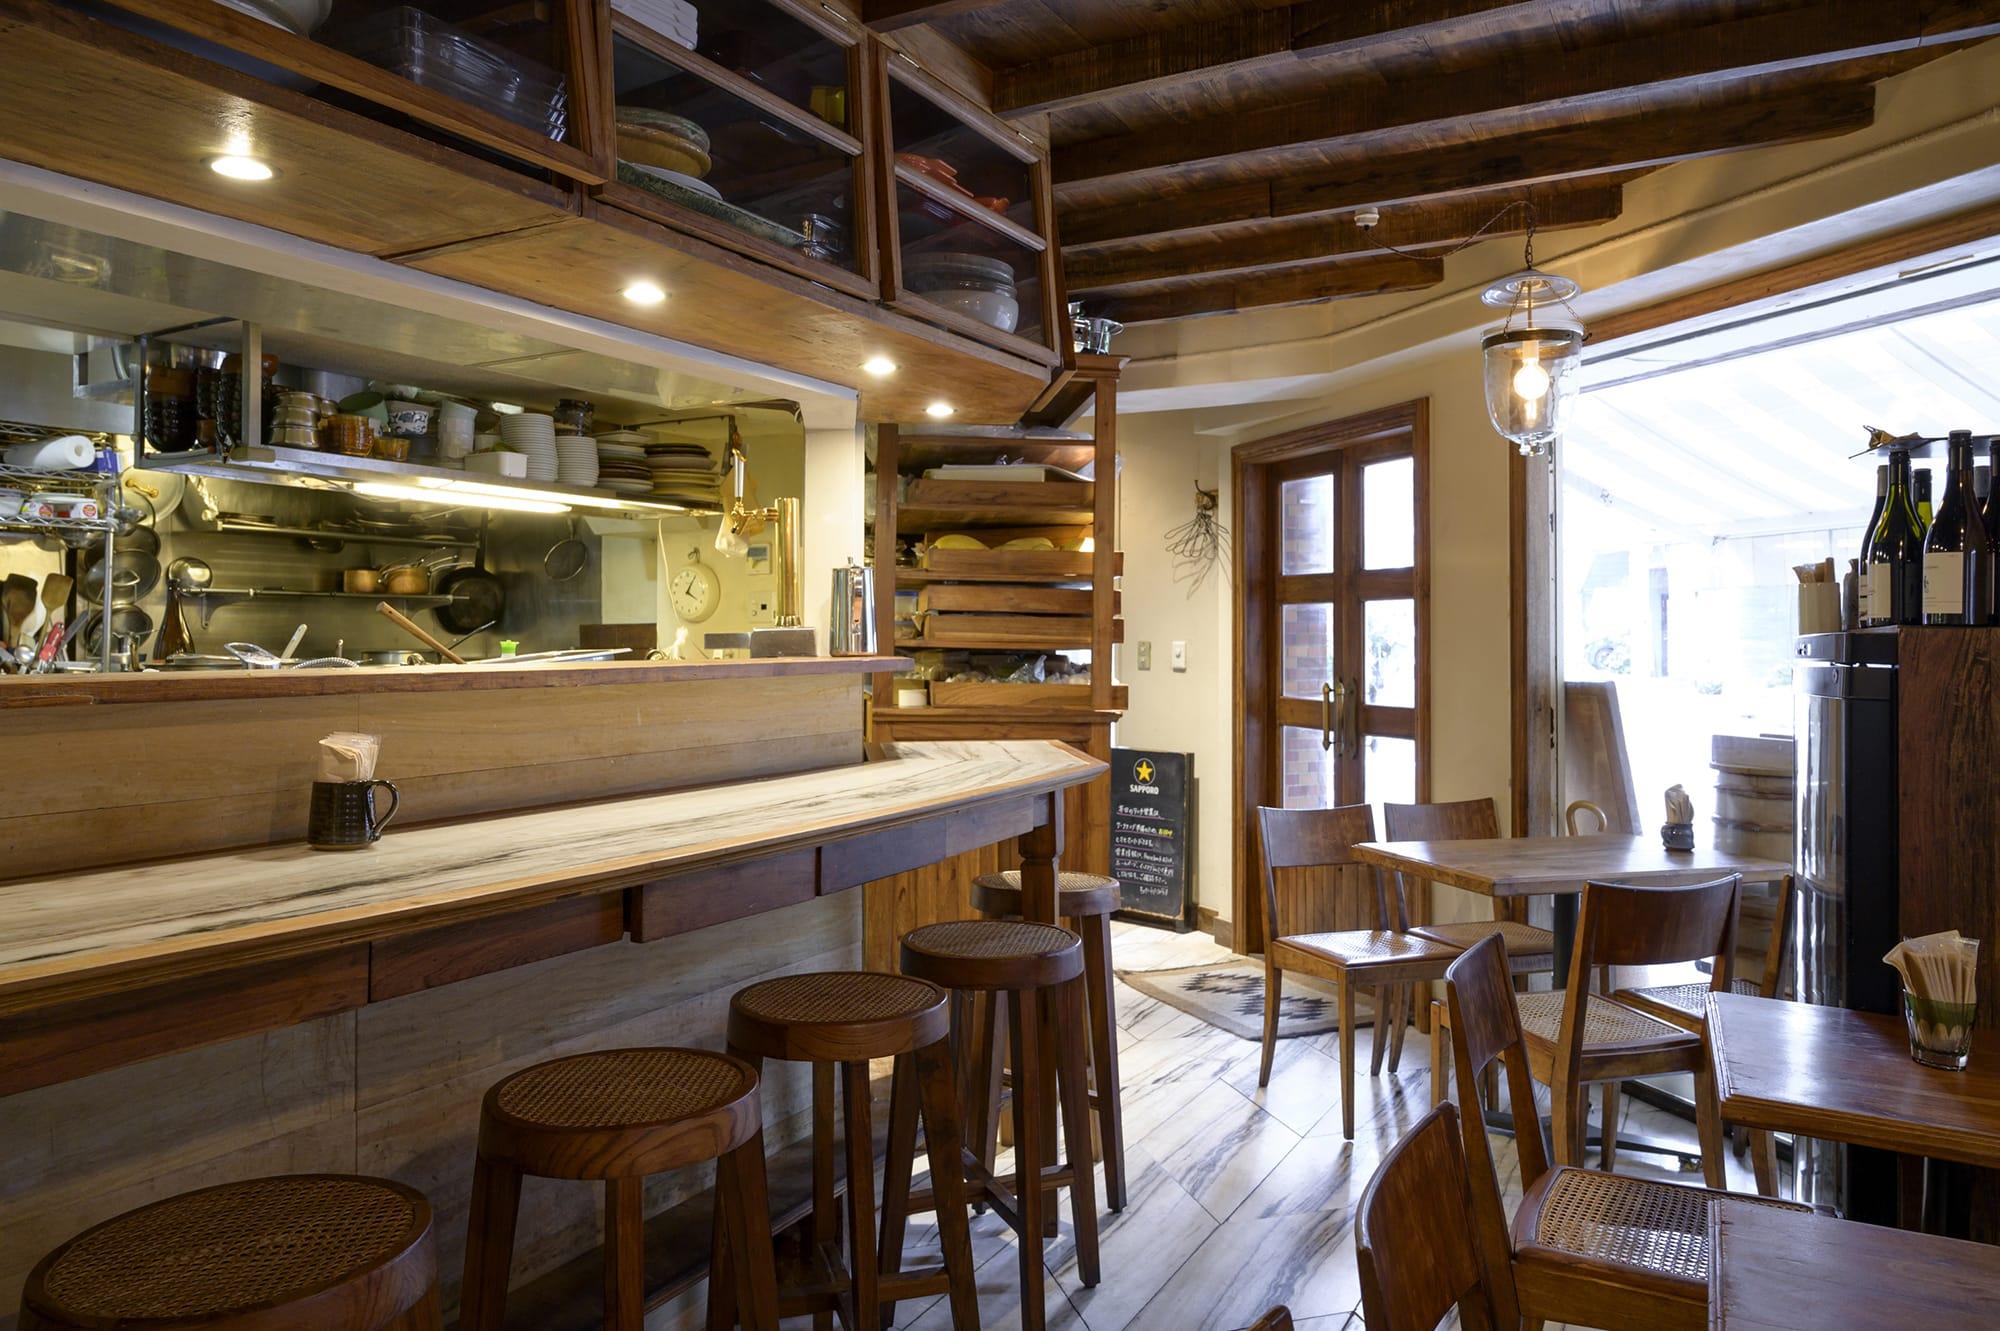 店内で使われている木材は数百年前のチーク無垢材。床は大理石、壁は砂壁で、職人にたのまず、DIYで作り上げた。